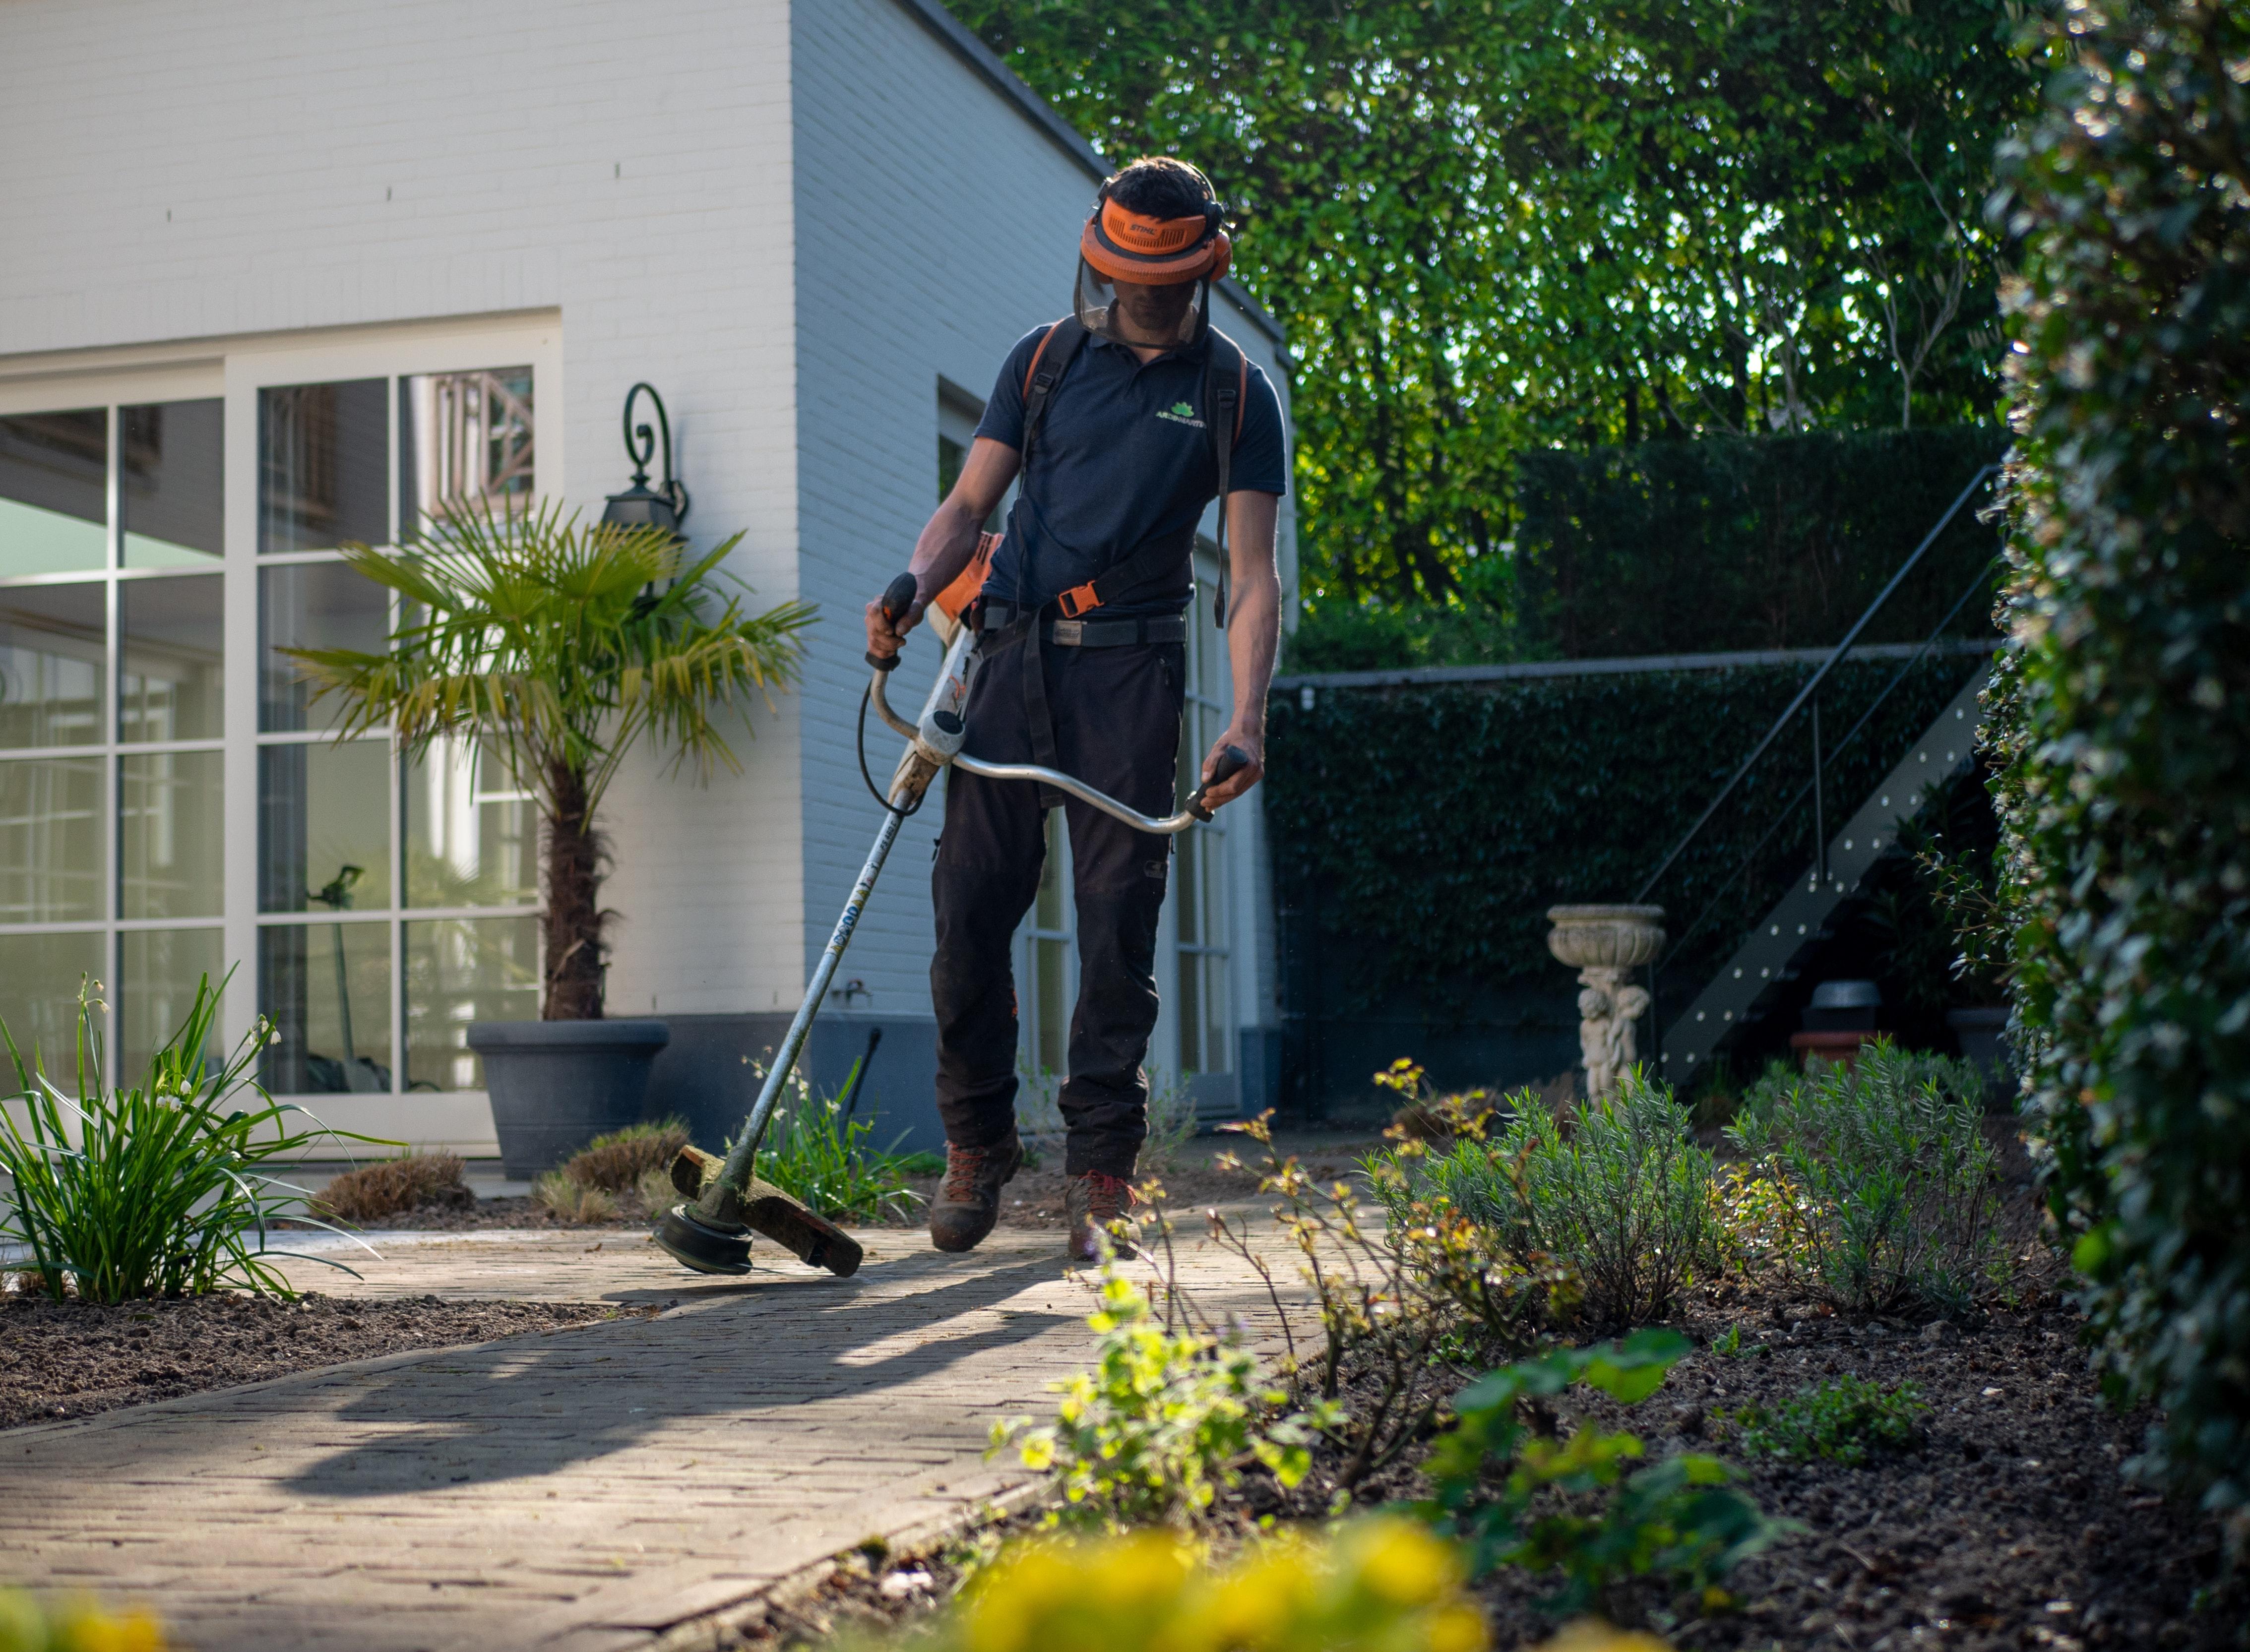 Limpeza de Terrenos: protege-te dos incêndios de Verão